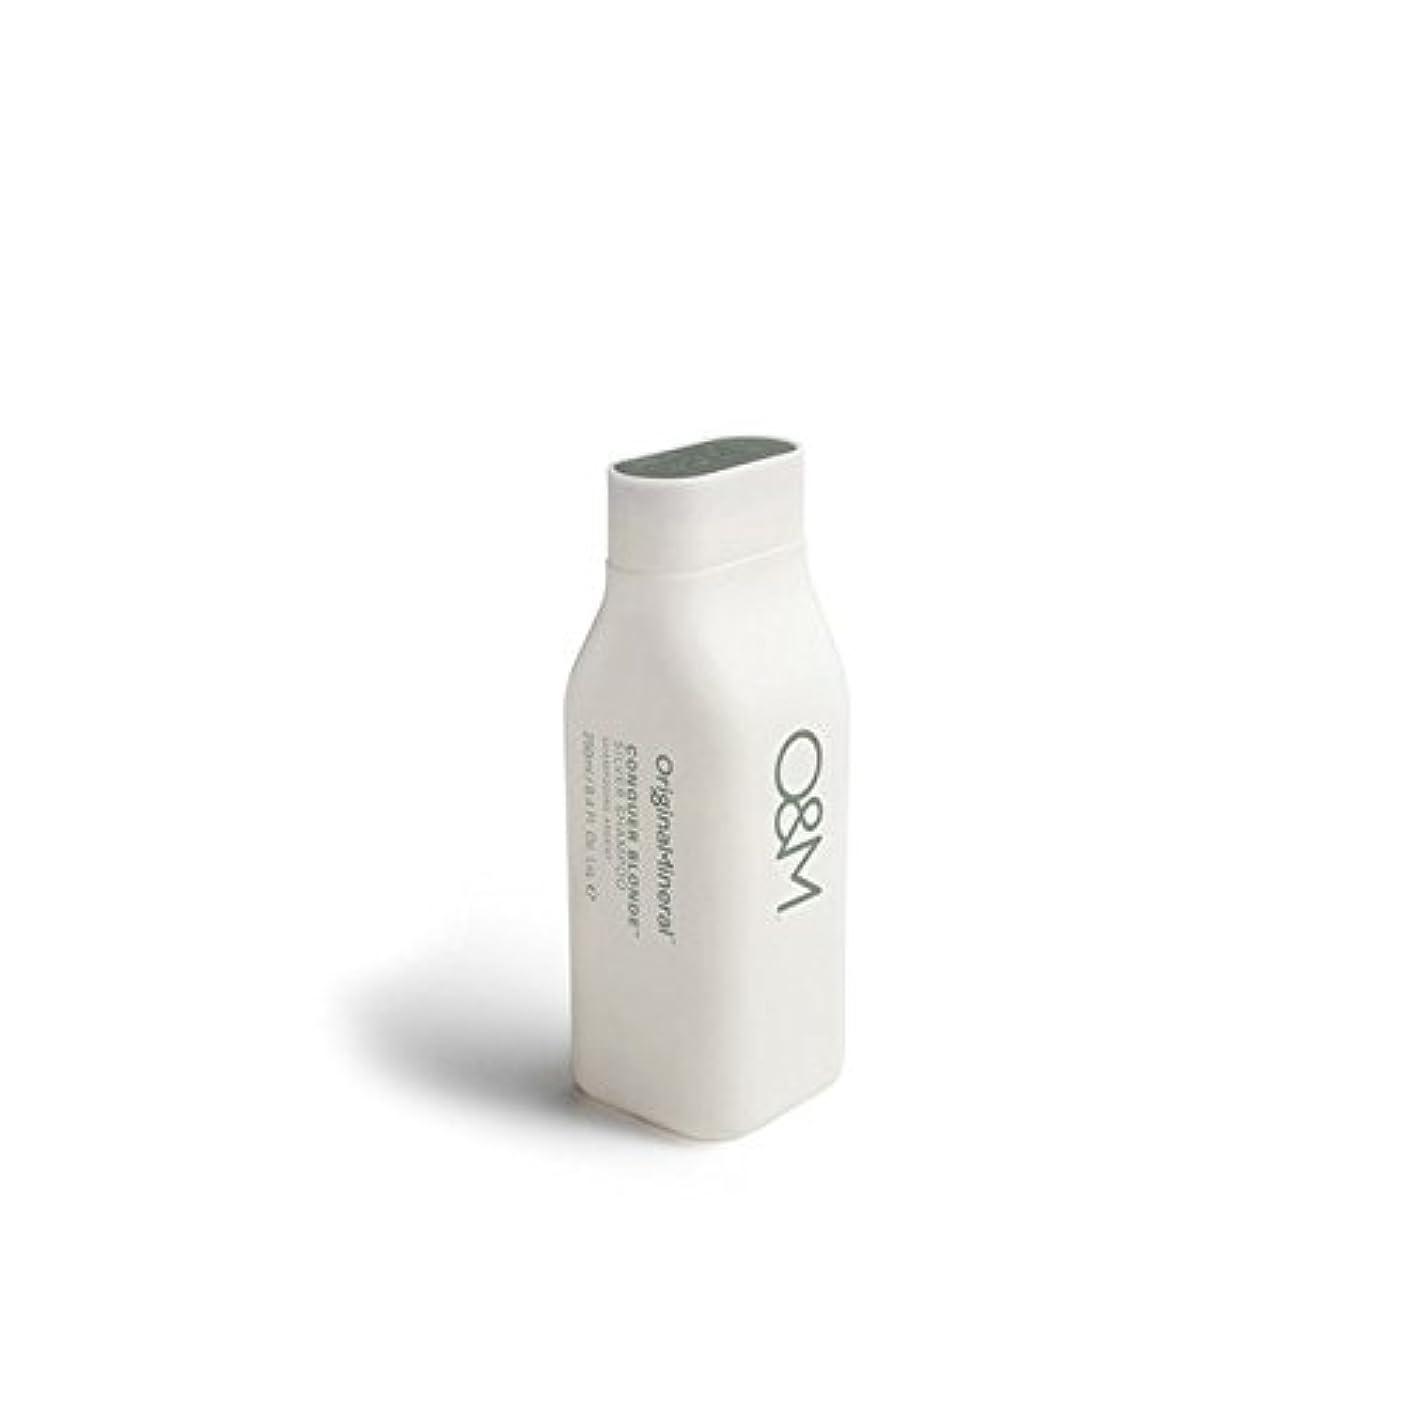 どちらか記念碑キーOriginal & Mineral Conquer Blonde Silver Shampoo (250ml) - オリジナル&ミネラル統治ブロンド銀シャンプー(250ミリリットル) [並行輸入品]